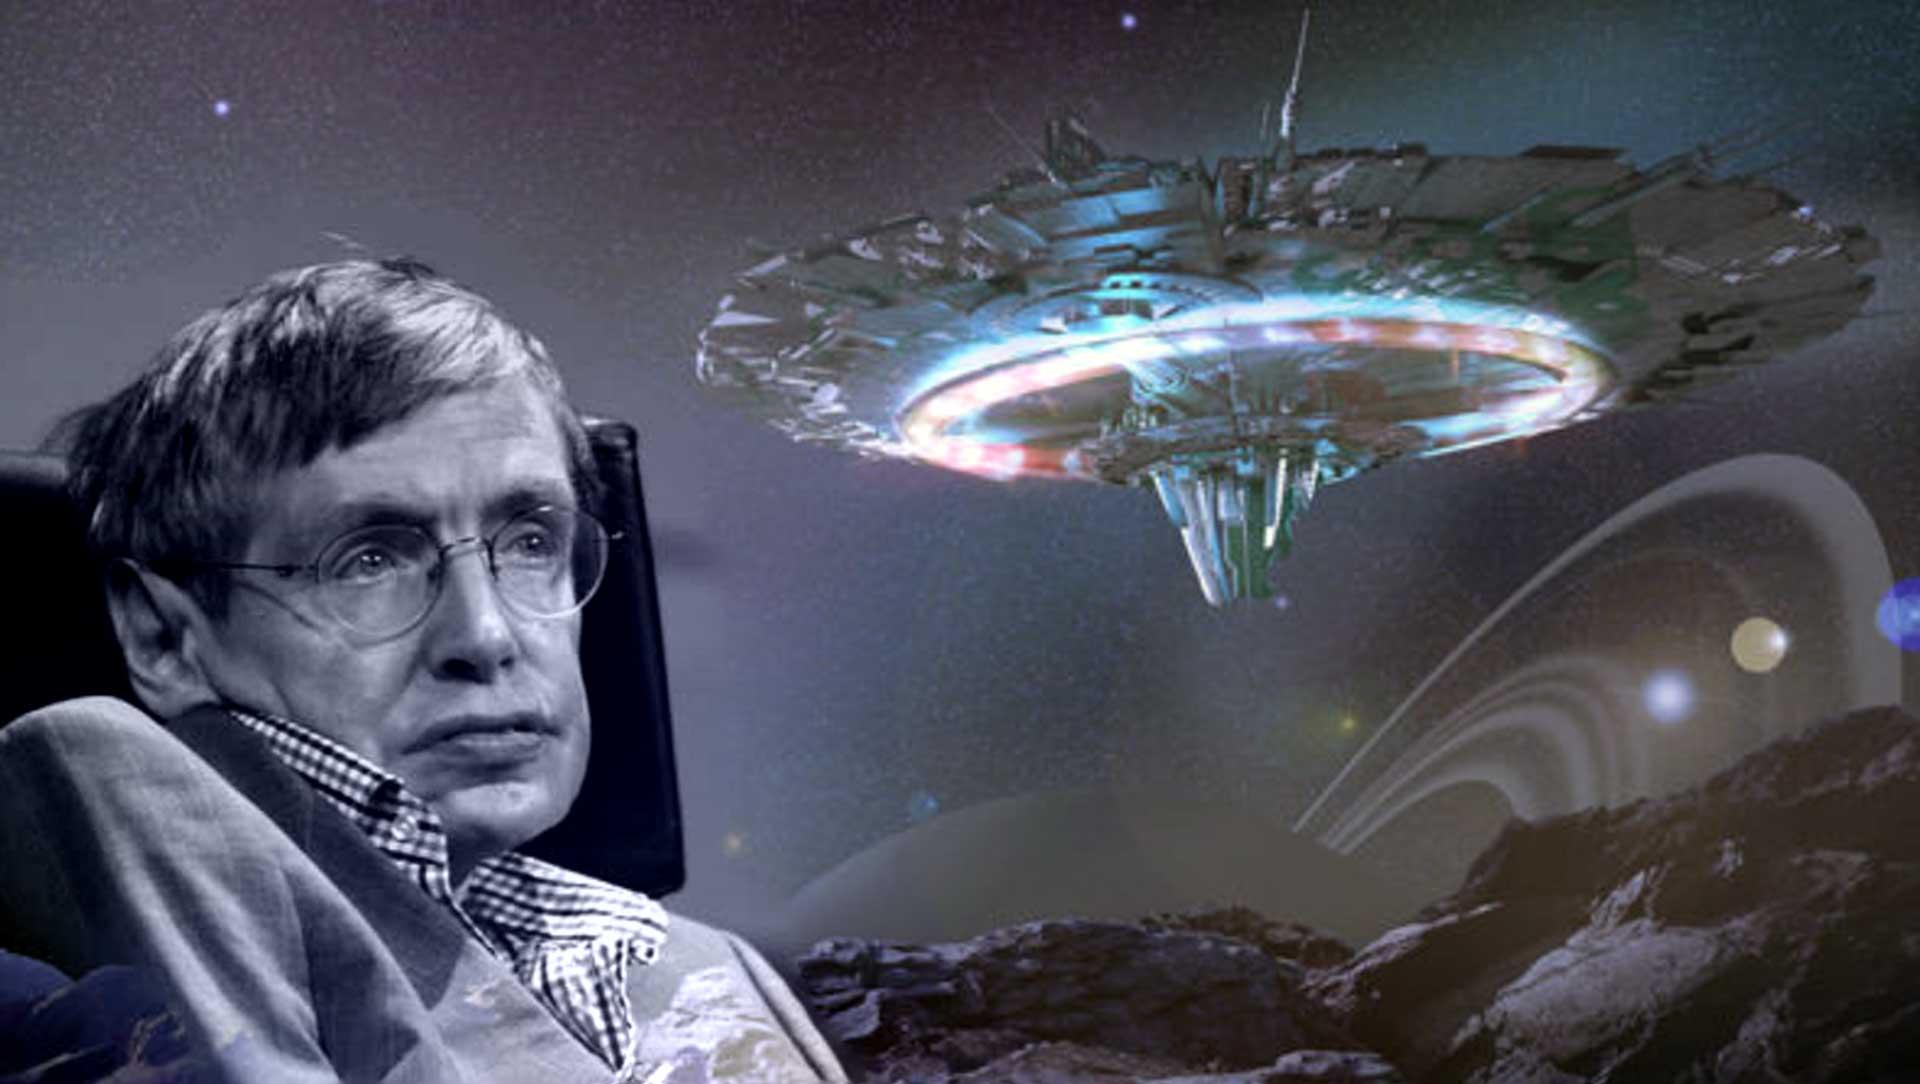 El miedo de Stephen Hawking hacia los extraterrestres